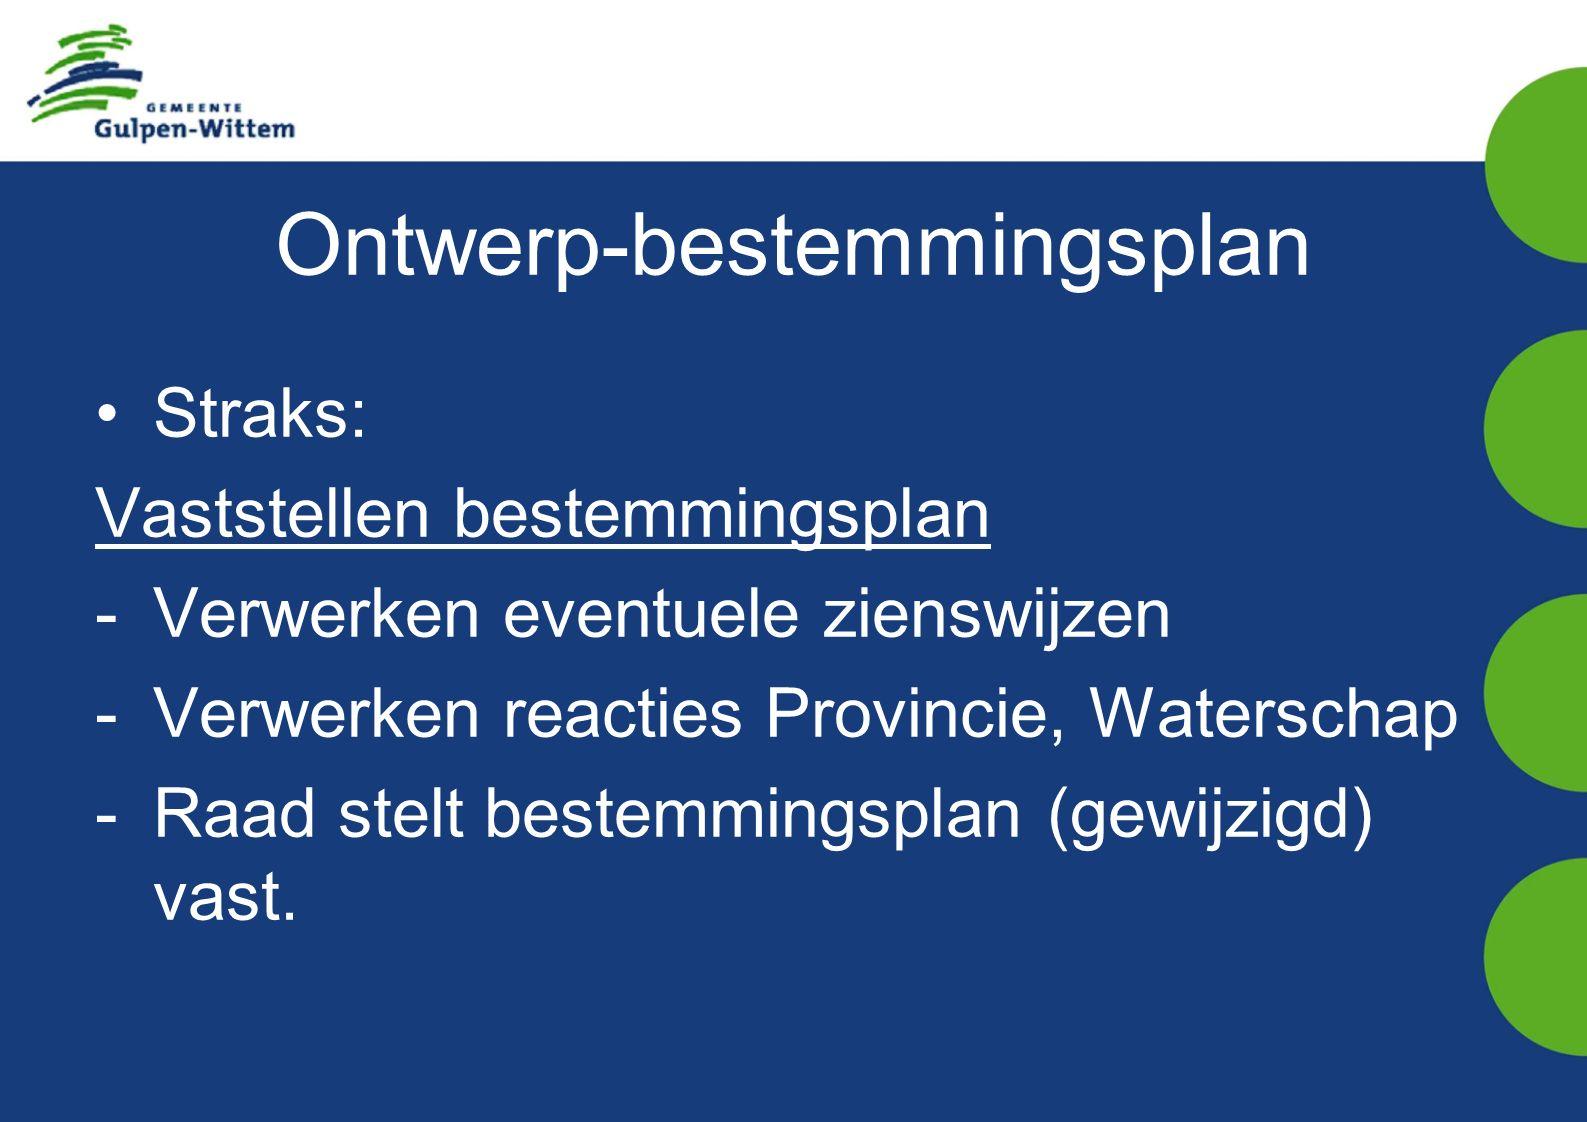 Ontwerp-bestemmingsplan Straks: Vaststellen bestemmingsplan -Verwerken eventuele zienswijzen -Verwerken reacties Provincie, Waterschap -Raad stelt bestemmingsplan (gewijzigd) vast.